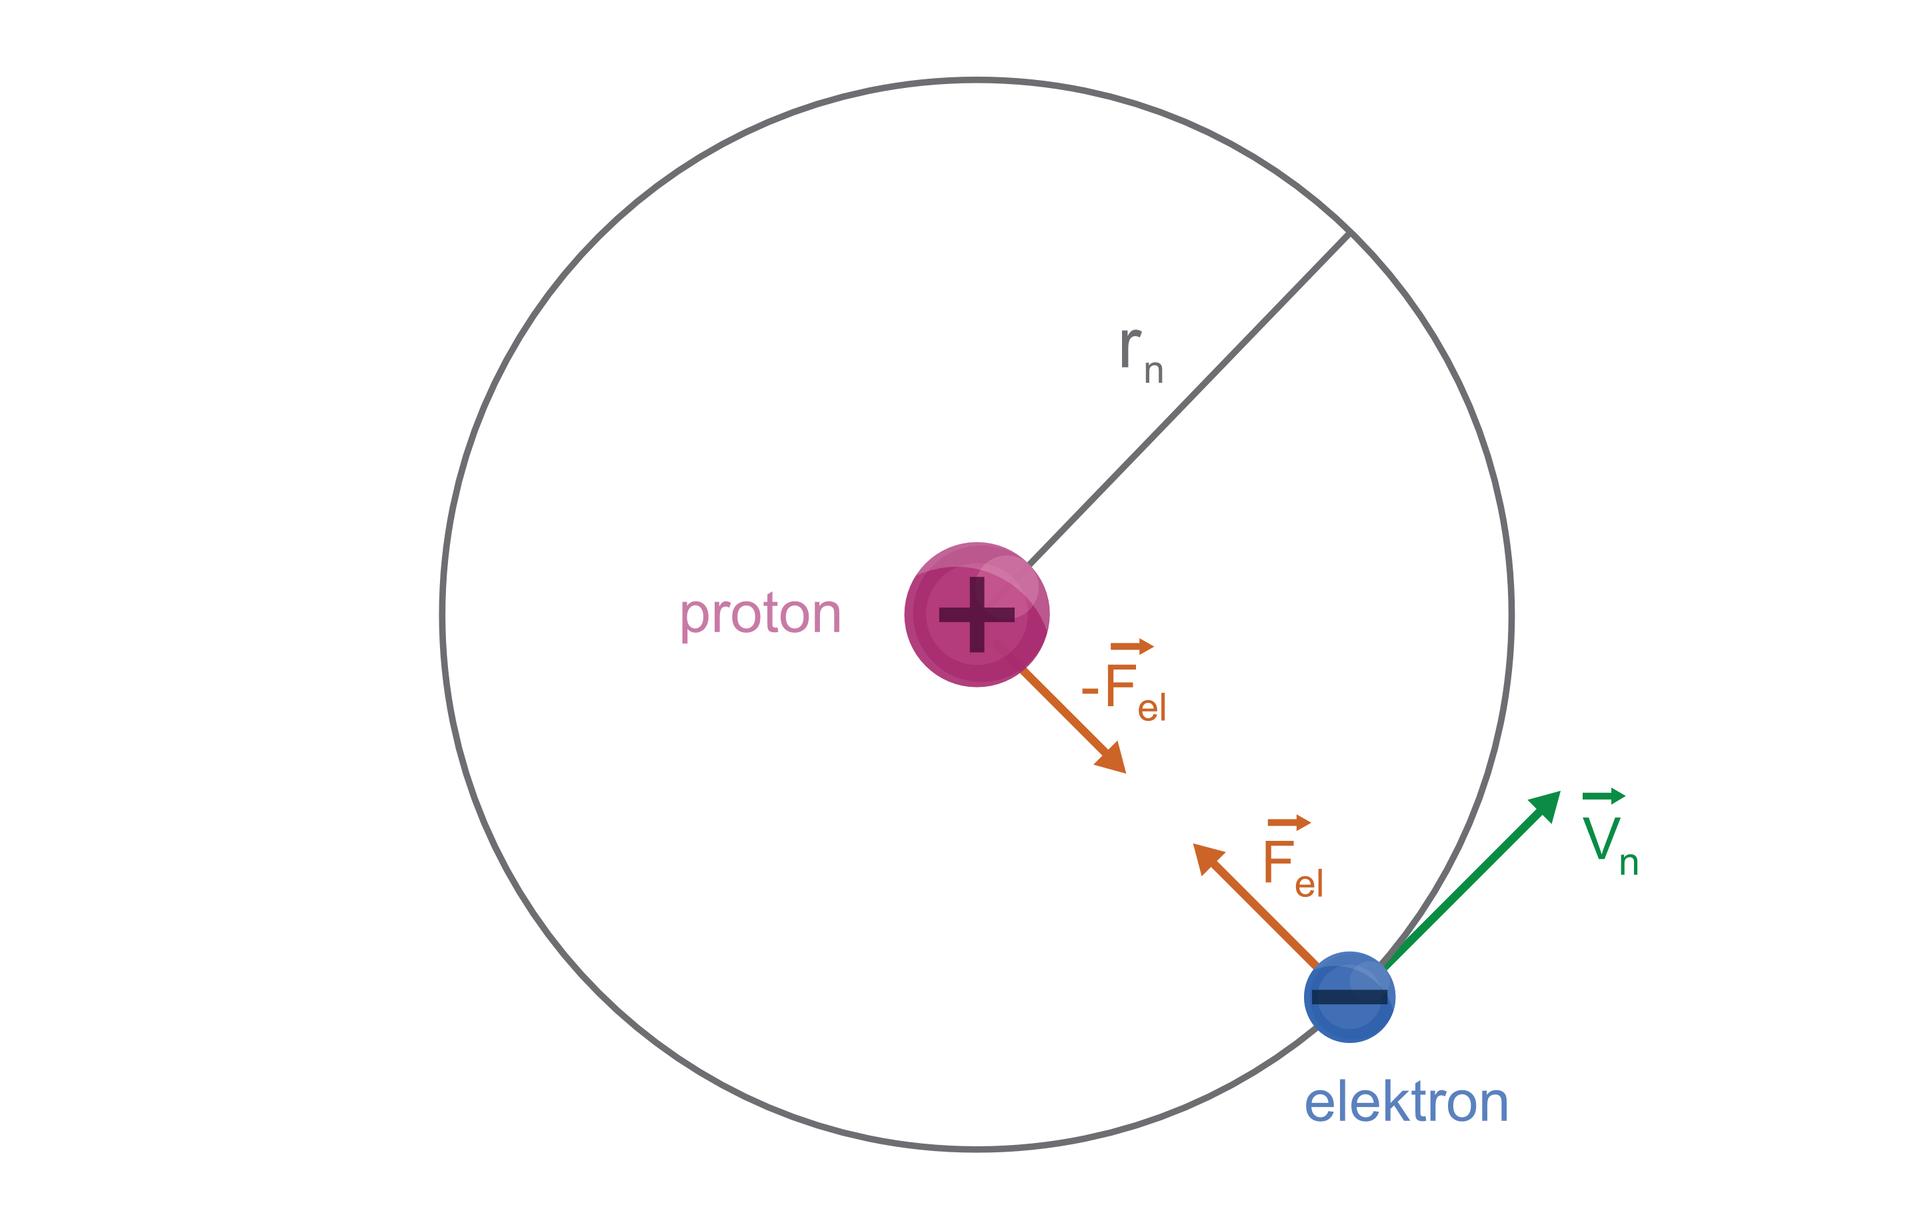 """Ilustracja przedstawia okrąg. Okrąg to atom wodoru. Wśrodku okręgu znajduje się małe fioletowe koło. To proton. Na powierzchni protonu duży znak plus. Proton iokrąg łączy linia prosta. Nad linią litera """"er"""" imały symbol """"en"""" poniżej. Na okręgu mniejsze niebieskie koło za znakiem minus. Niebieskie koło to elektron. Krawędź elektronu styka się zdwoma strzałkami. Pierwsza strzałka przylegająca do krawędzi okręgu skierowana wprawo. Na końcu grot. Poniżej grota liter """"v"""" imały symbol """"en"""". Nad literą """"v"""" pozioma mała strzałka zgrotem wprawo. Wewnątrz dużego okręgu dwie strzałki naprzeciw. Dolna strzałka styka się zkrawędzią elektronu. Górna strzałka styka się zkrawędzią protonu. Strzałki zelektronem iprotonem tworzą kąt prosty. Nad strzałką wychodzącą zelektronu symbol litery """"ef"""" imały symbol """"el"""". Nad literą """"ef"""" mała pozioma strzałka zgrotem wprawo. Litera """"ef"""" zsymbolem """"el"""" istrzałką powyżej obok strzałki wychodzącej zprotonu. Przed literą """"ef"""" znak """"minus""""."""